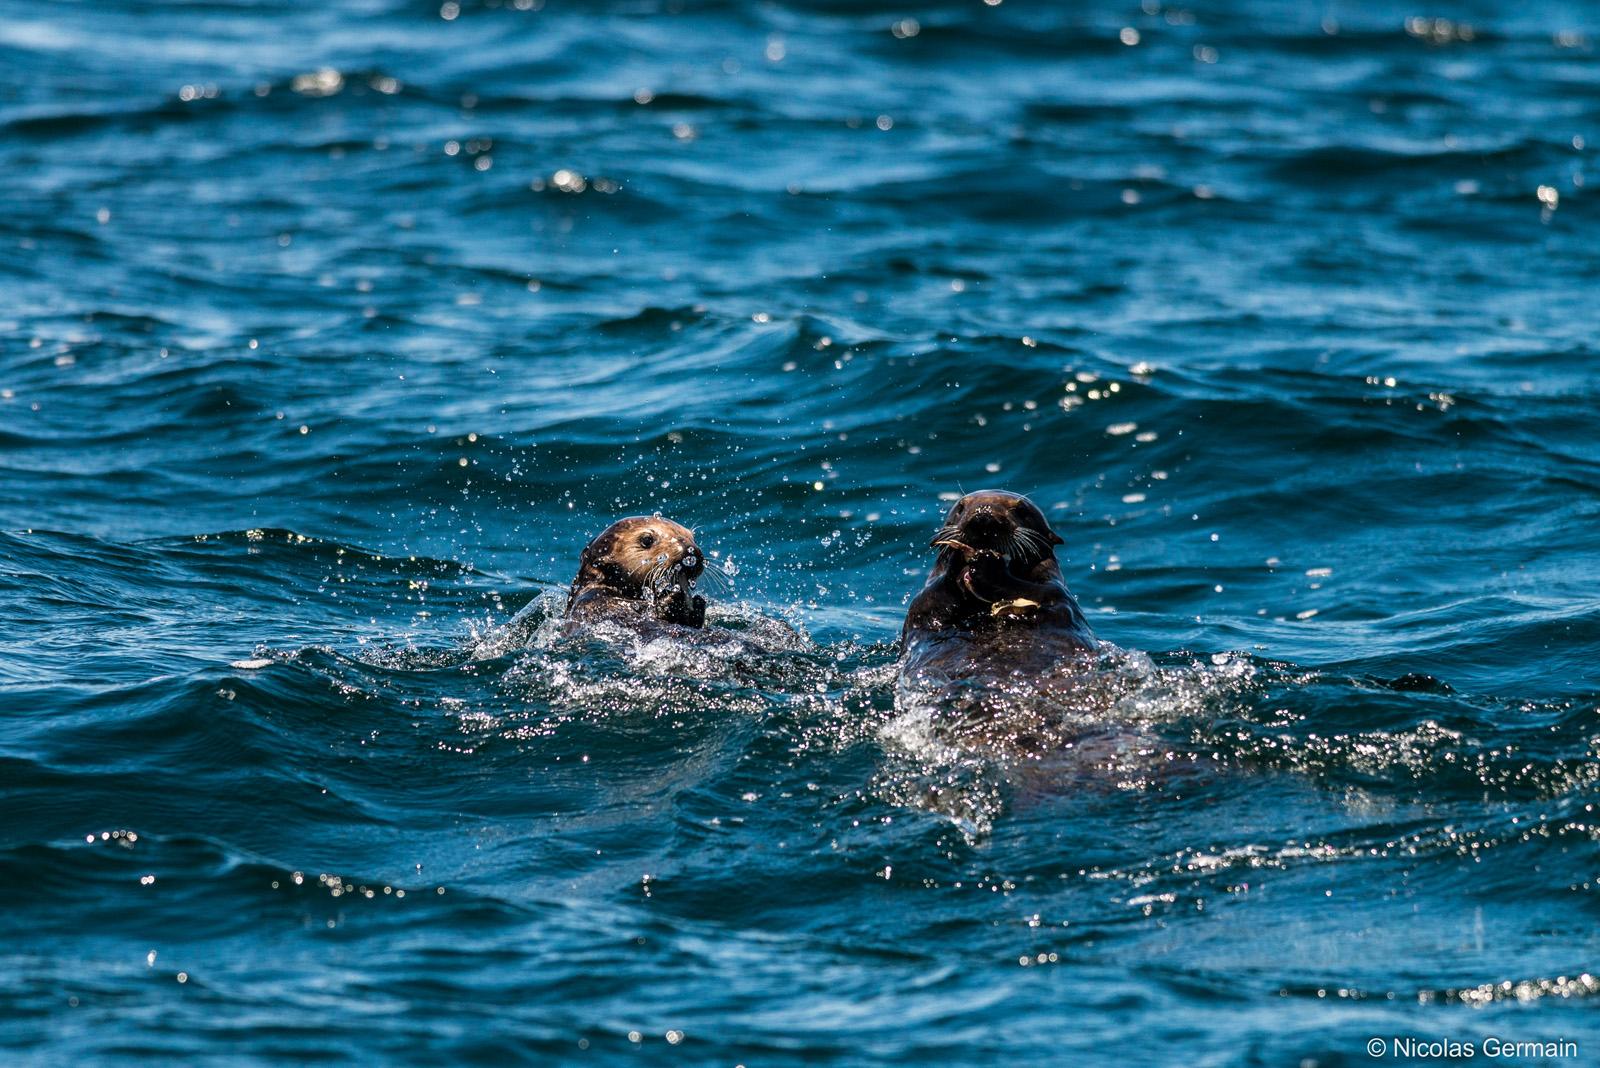 Deux loutres très joueuses dans la baie de Monterey, Californie